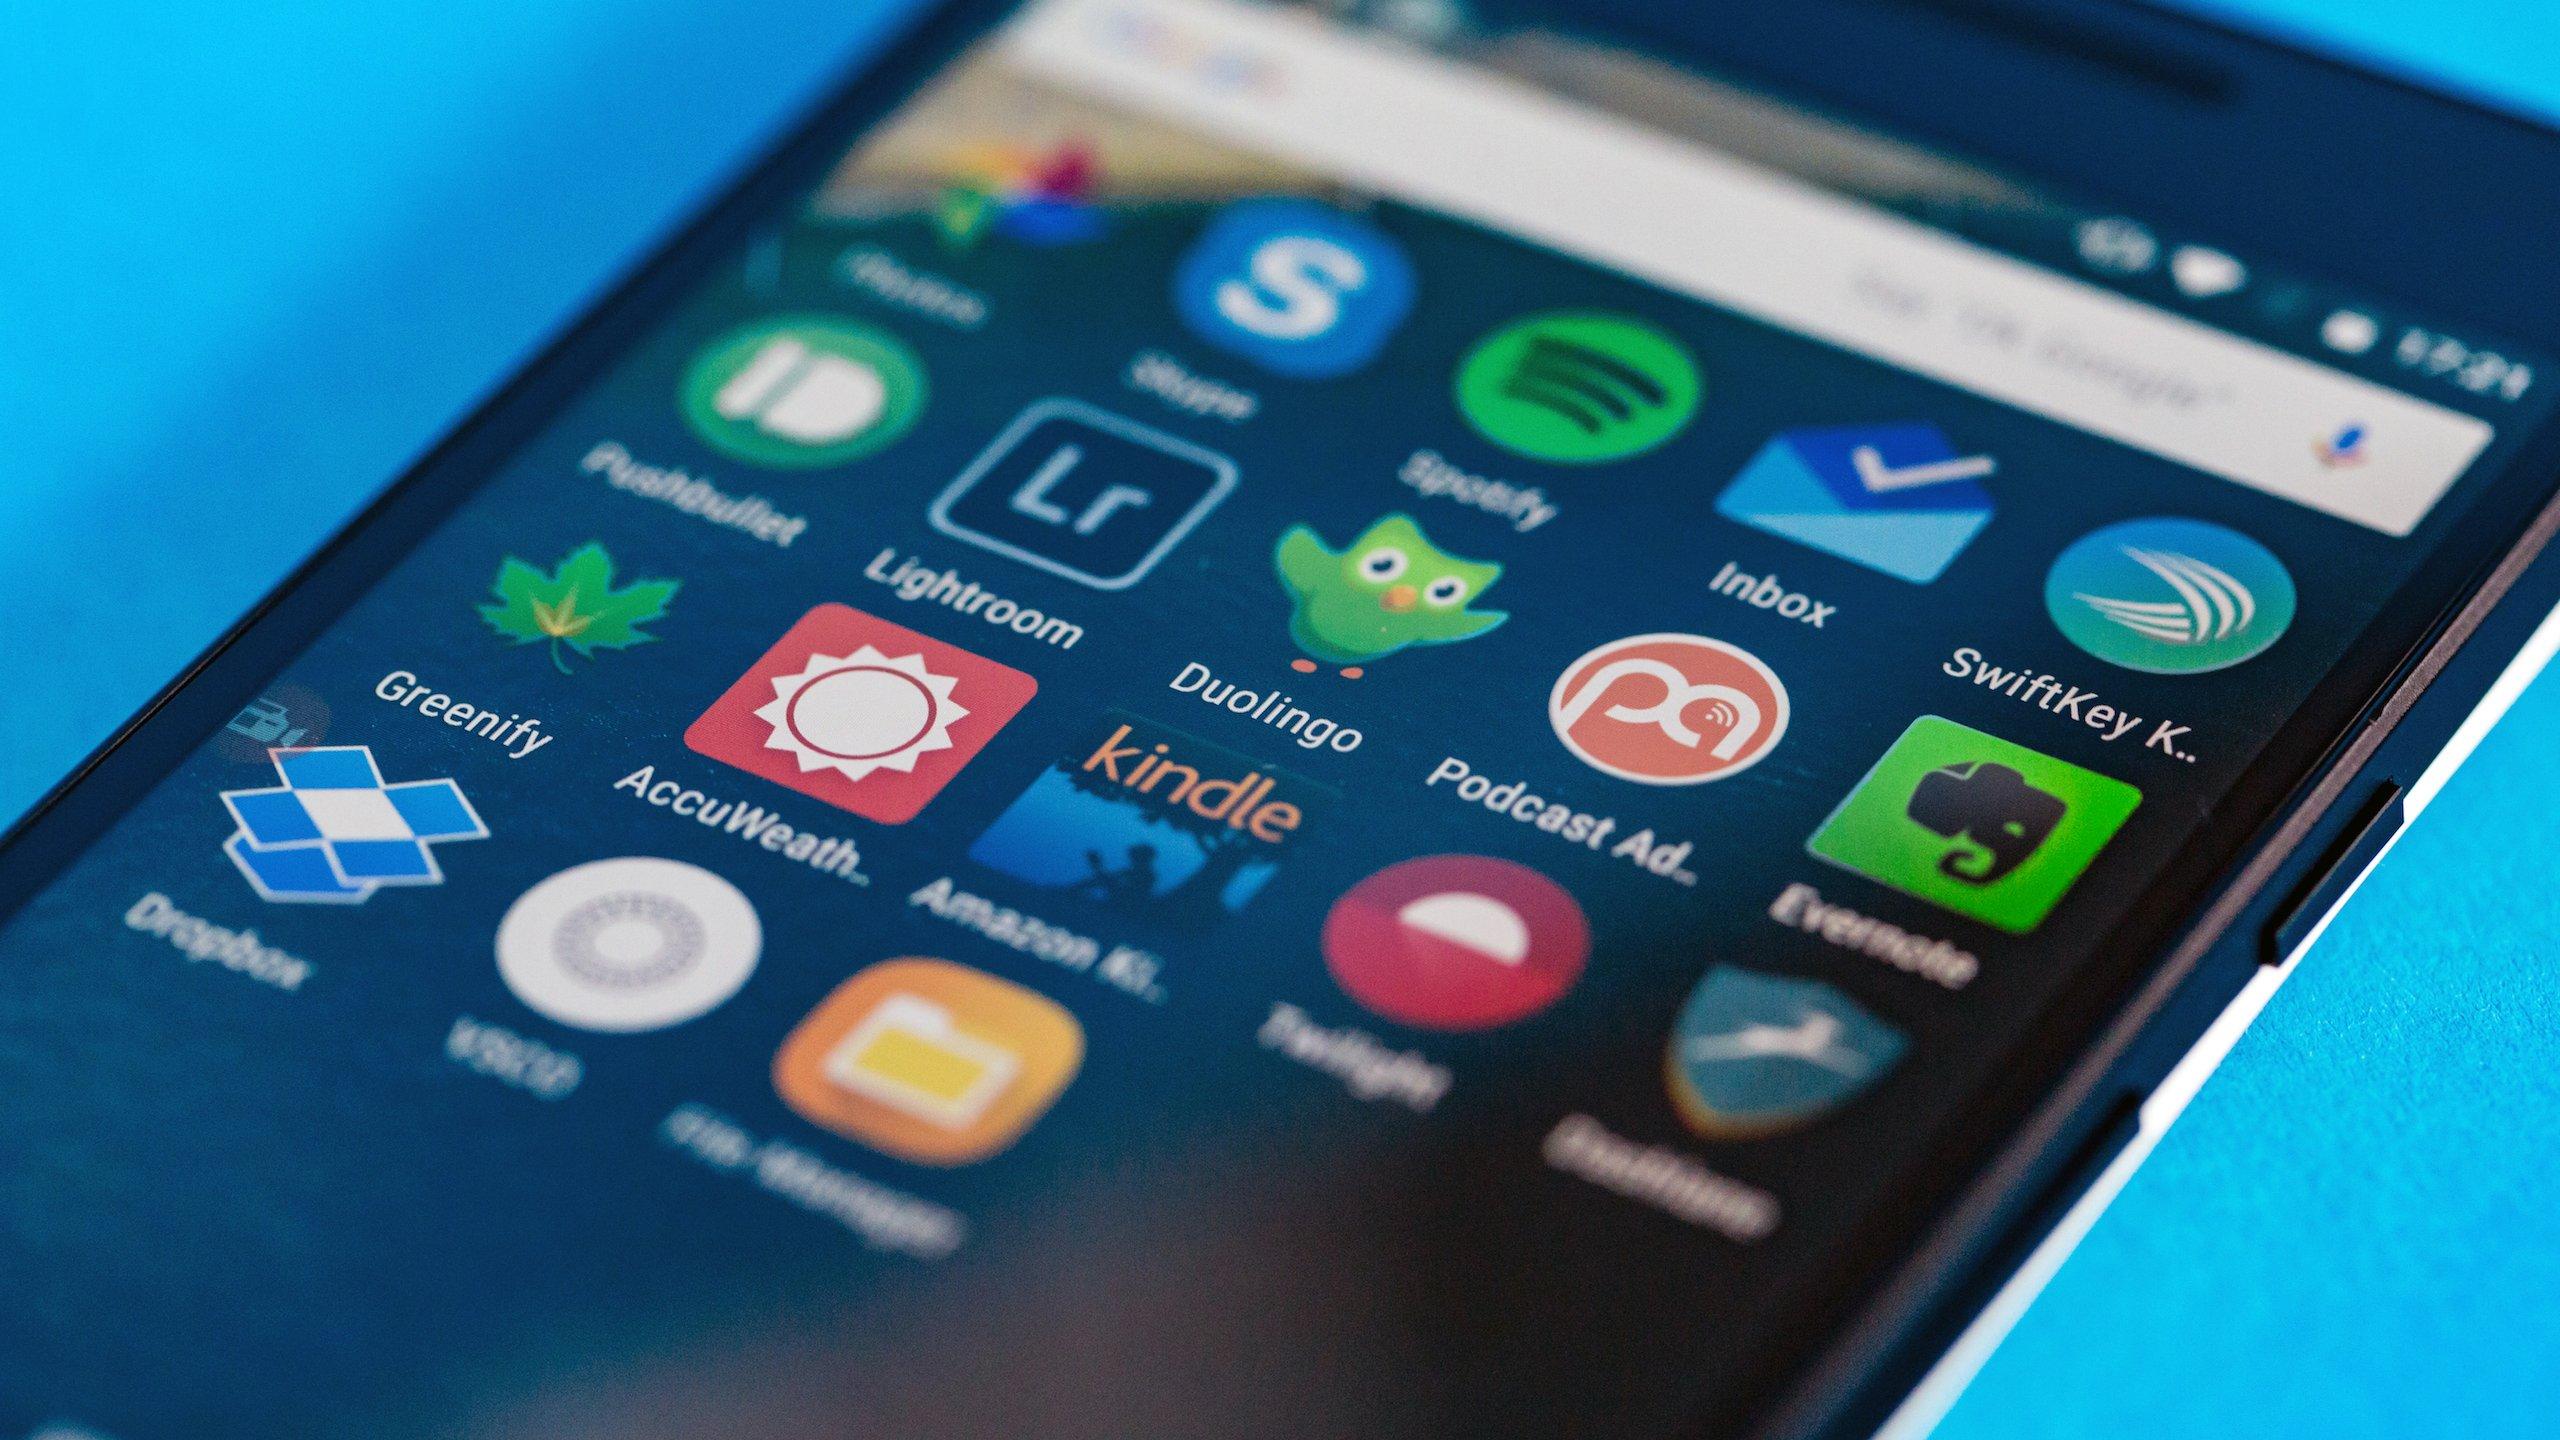 Come configurare il mio nuovo cellulare? 2